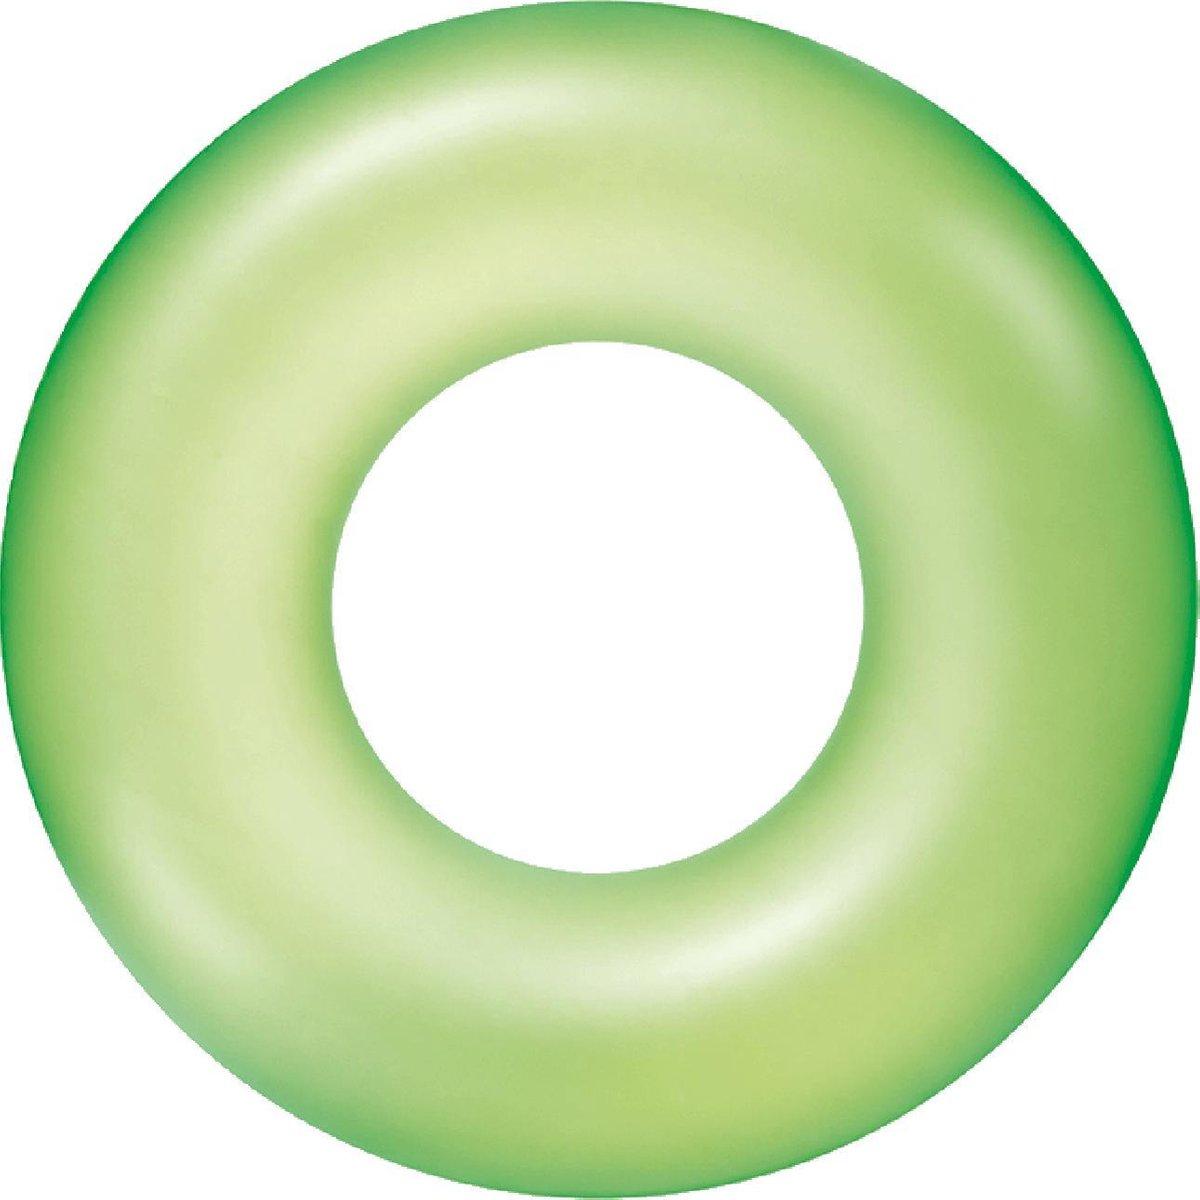 Zwemband Neon Frost 76 cm - groen